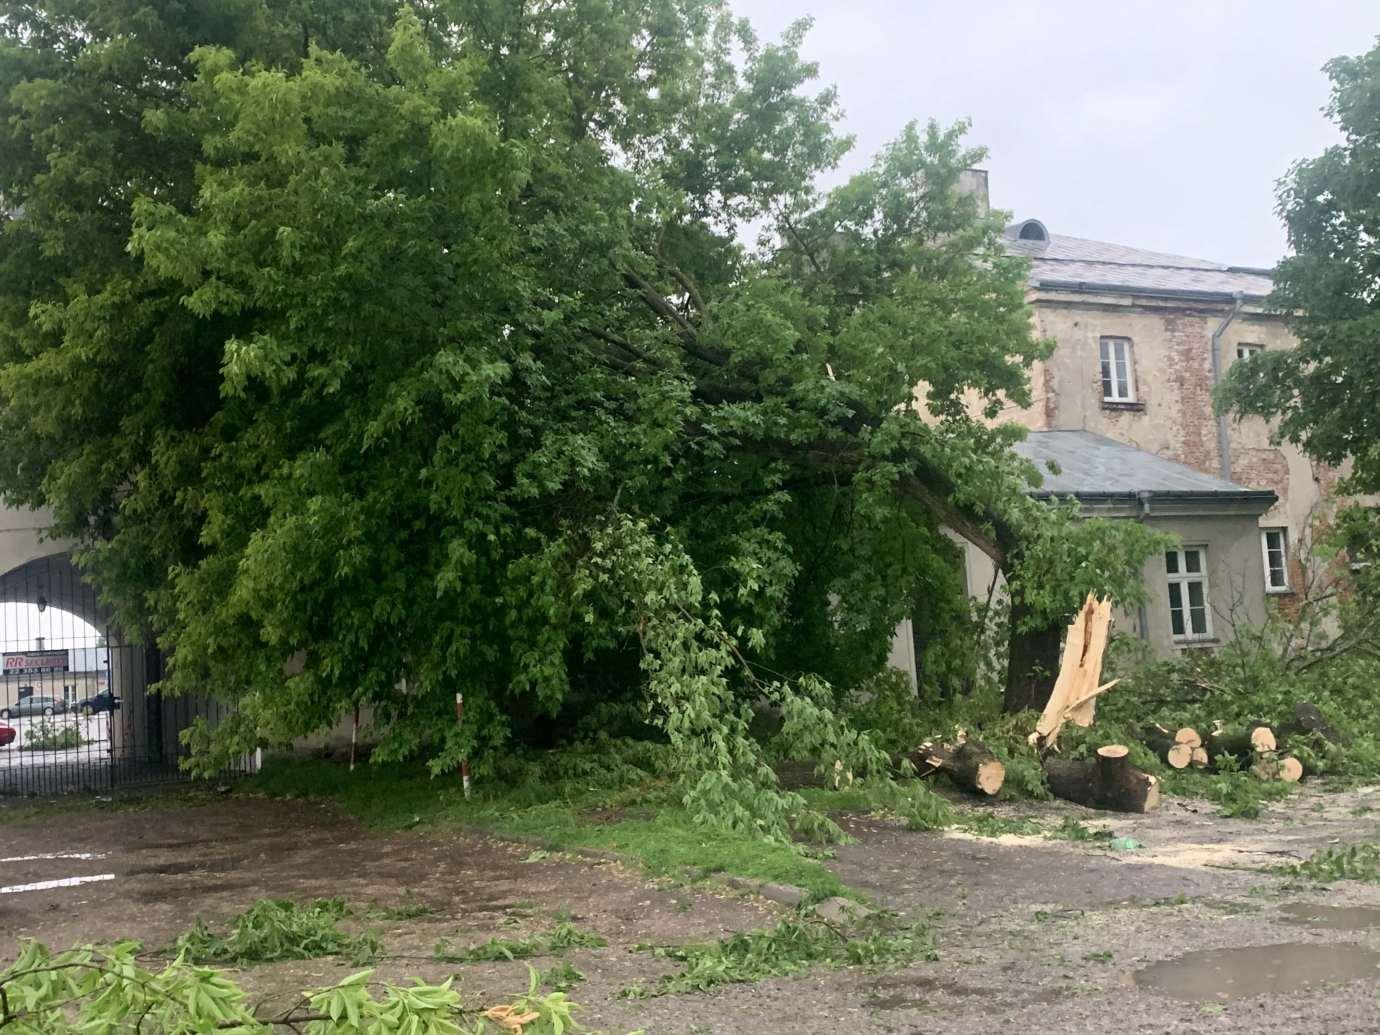 img 9537 3 uszkodzone auta na Królowej Jadwigi, powalone drzewa. Kolejne zdjęcia i FILM